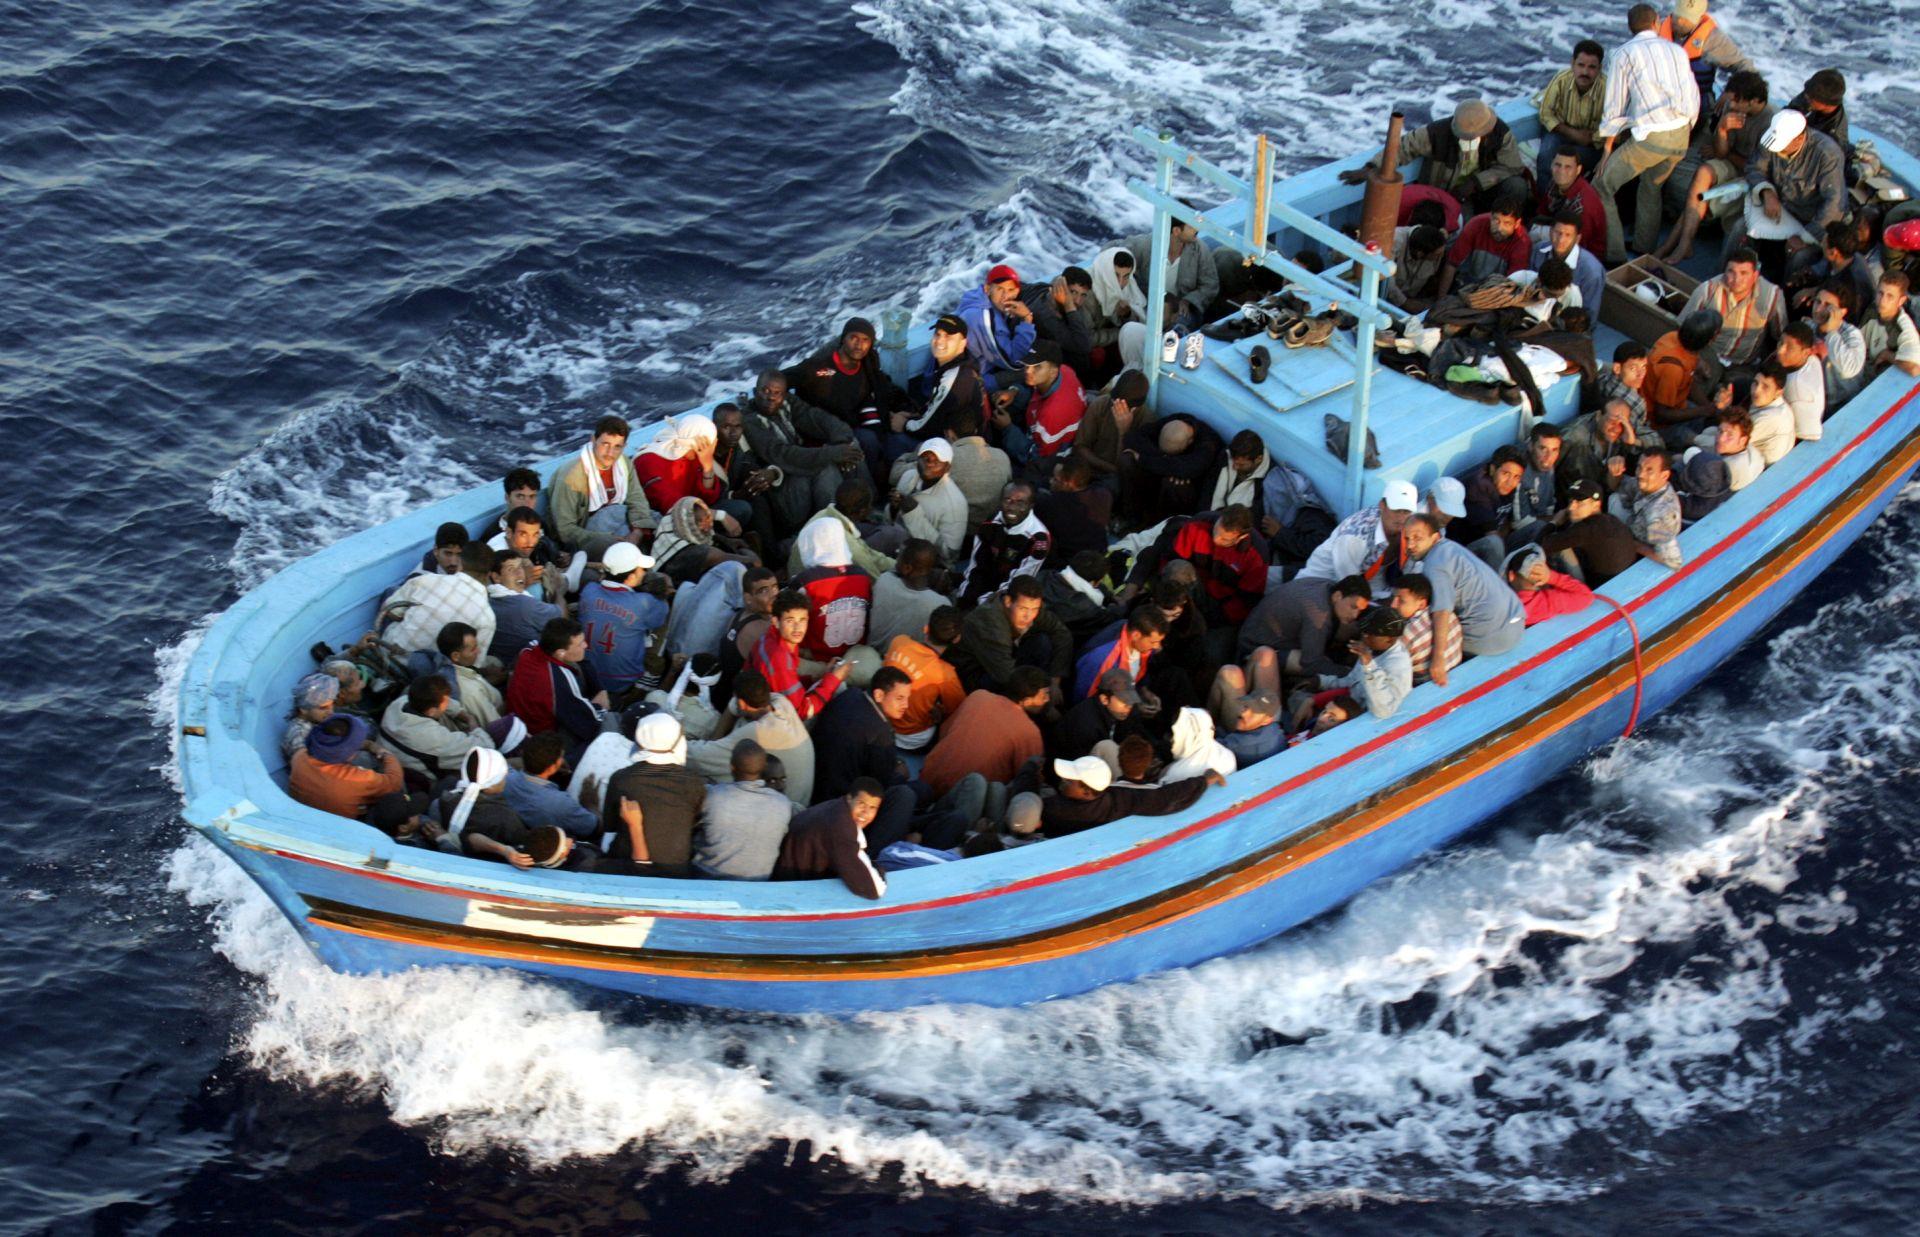 NOVA TRAGEDIJA: U brodolomu u Turskoj poginulo 12 migranata